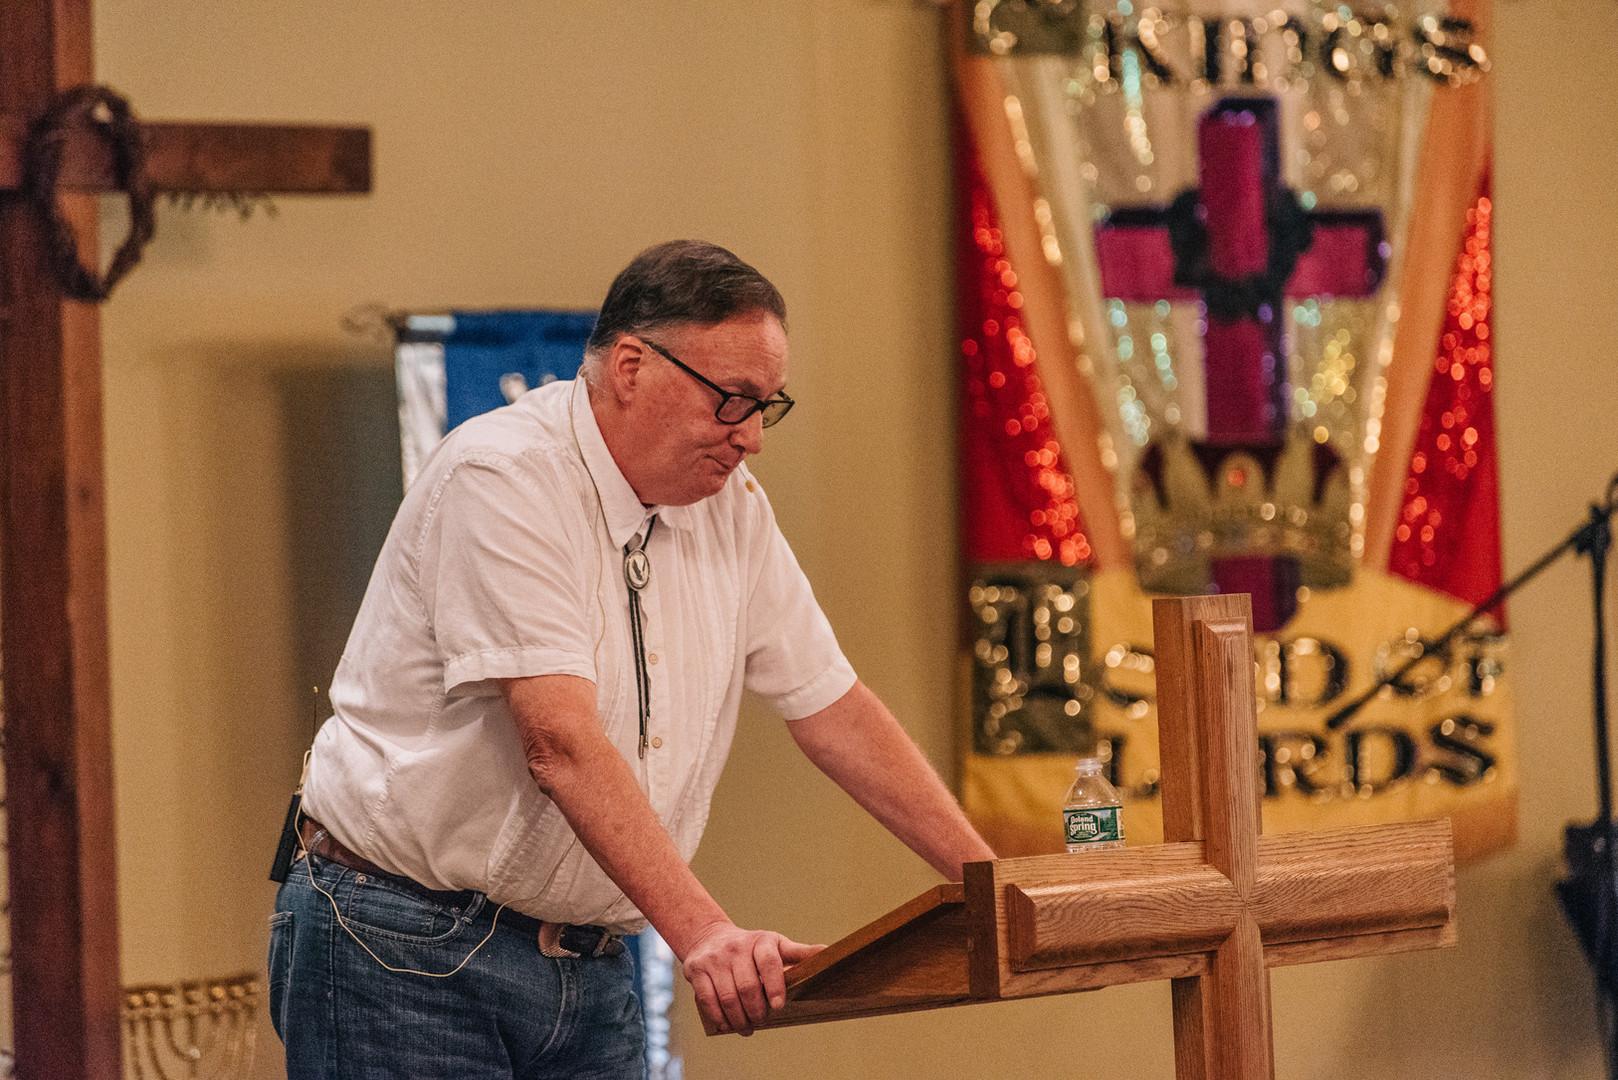 Pastor Steve Aldrich